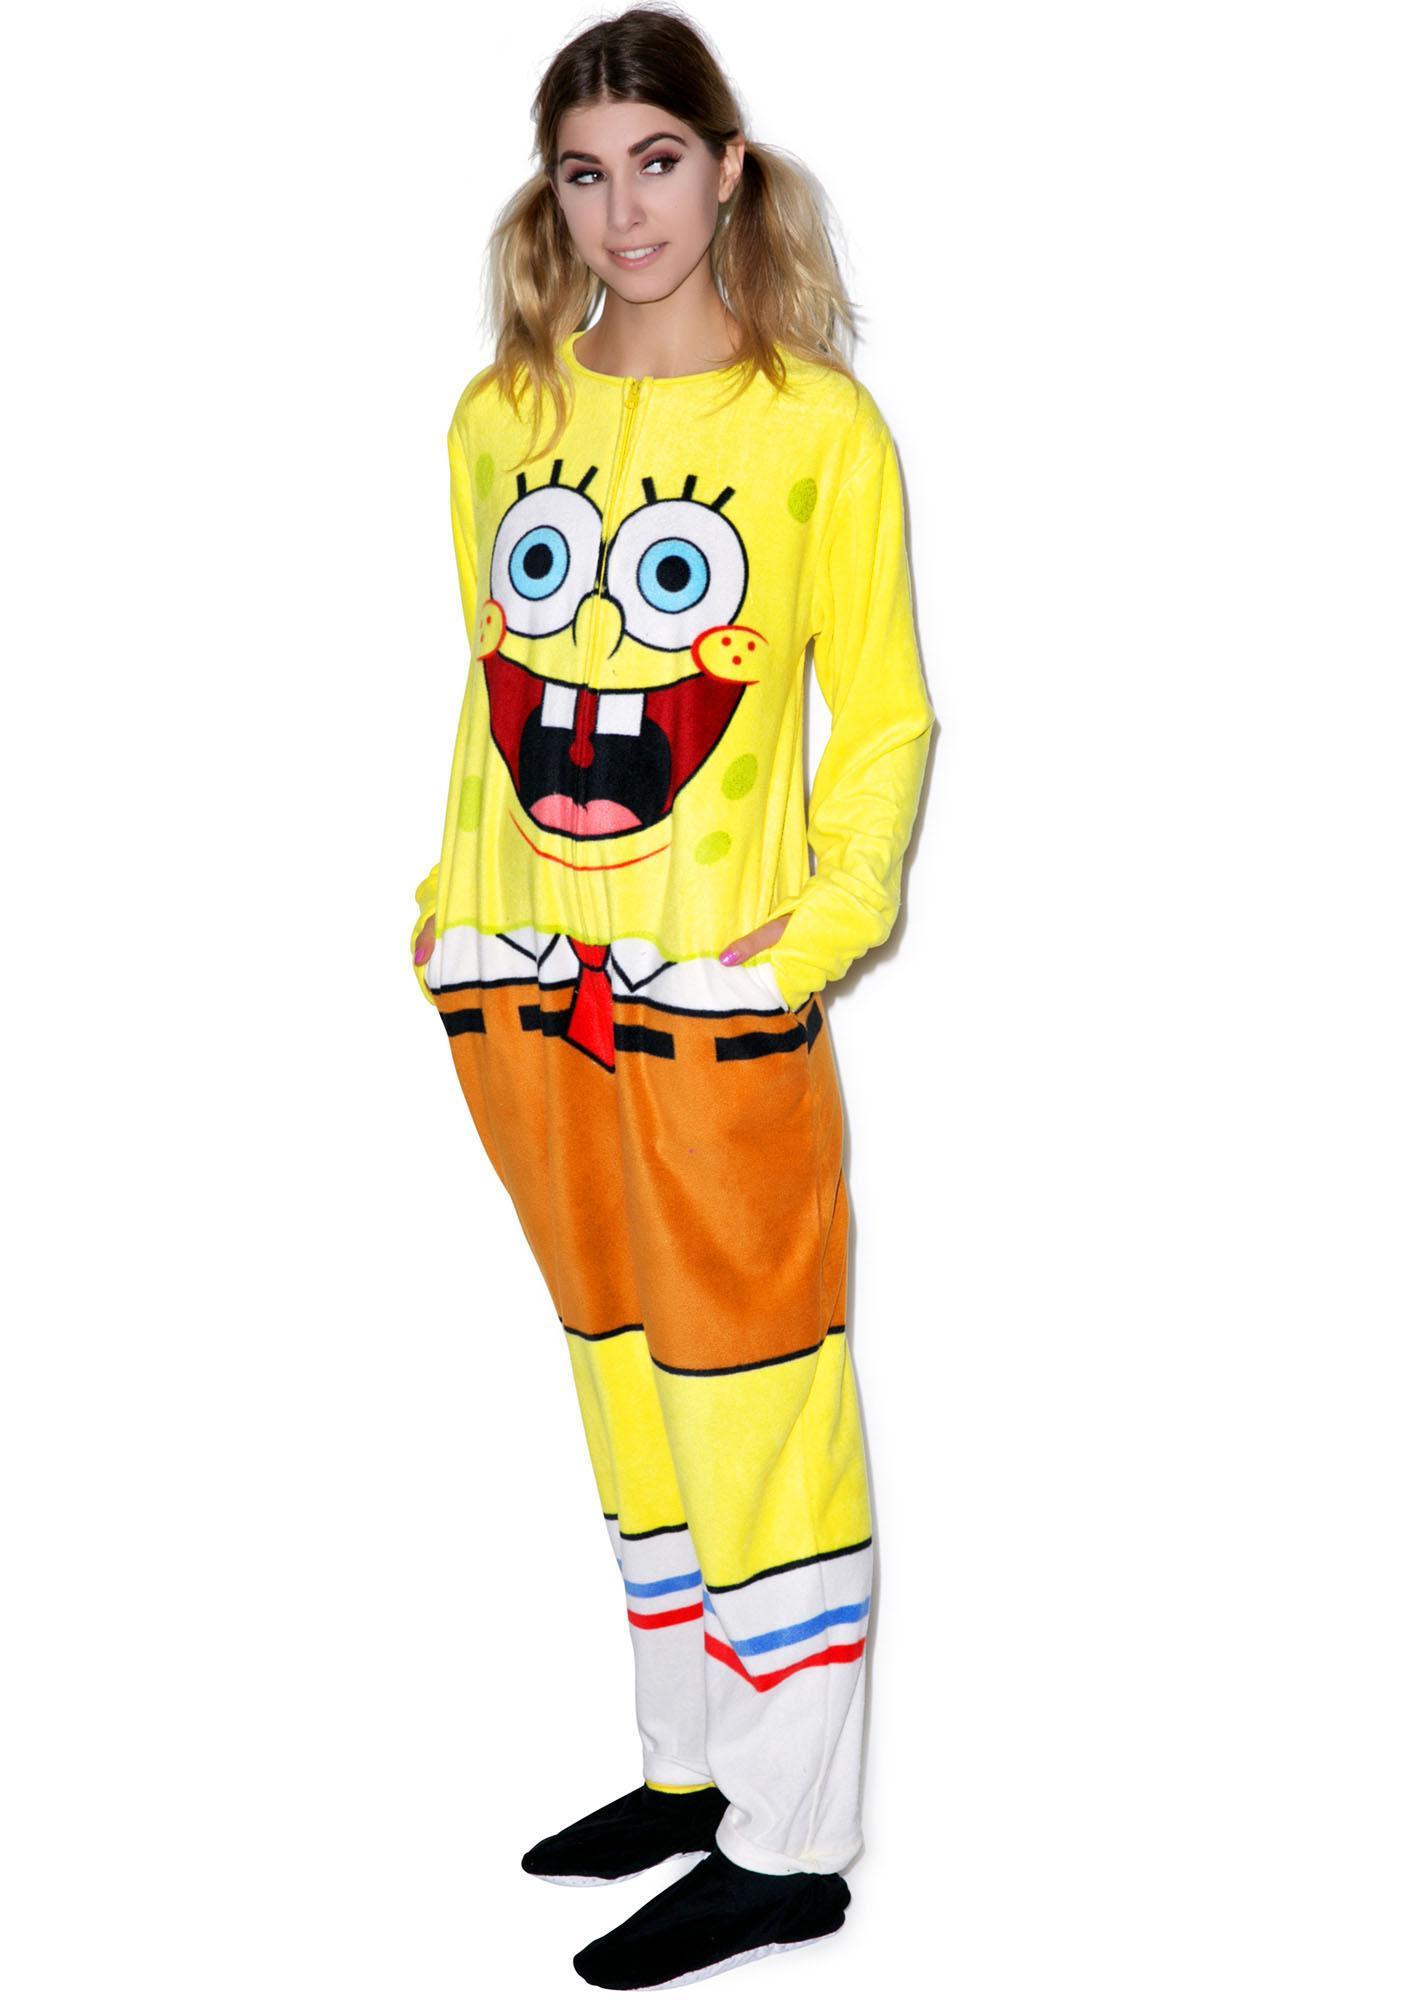 Undergirl Spongebob Onesie